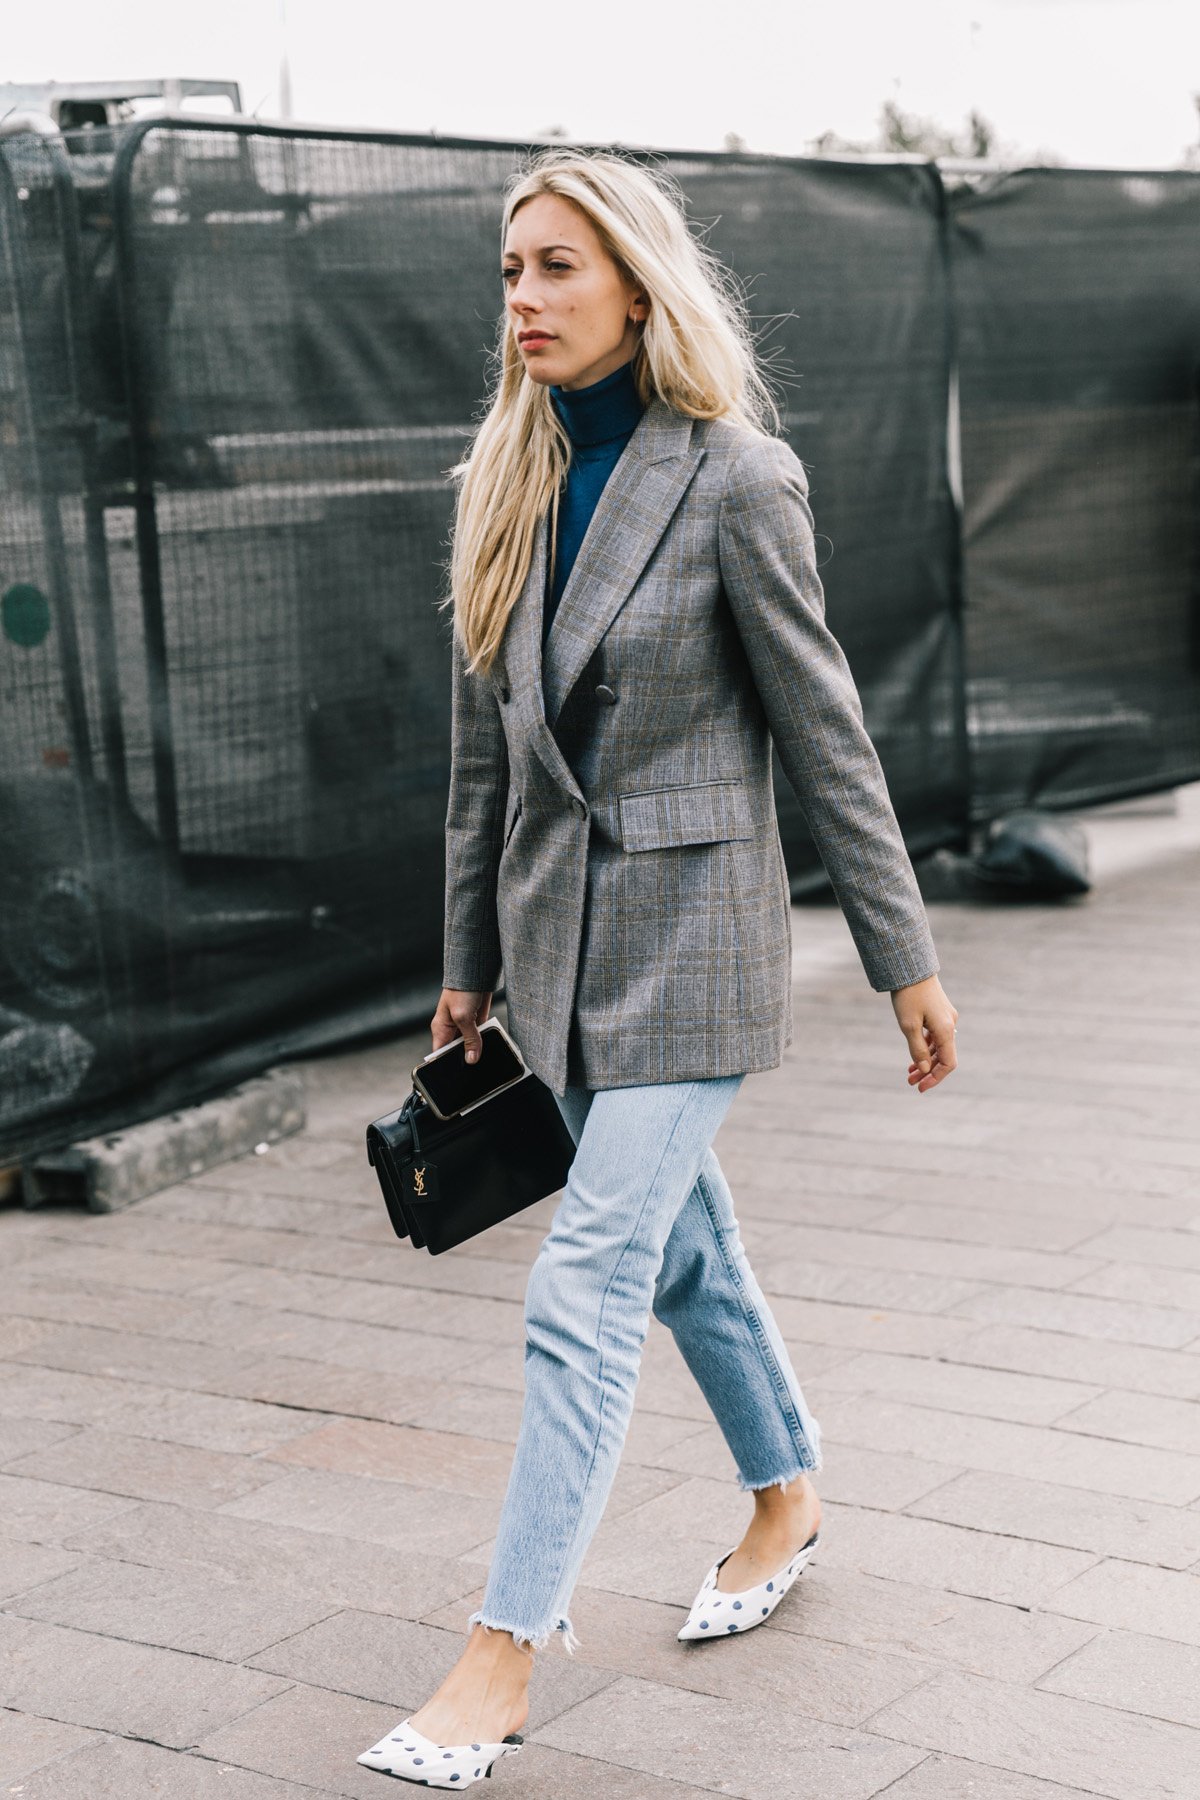 zapatos_quedan_bien_cropped_jeans_cortados_648282365_1200x1800